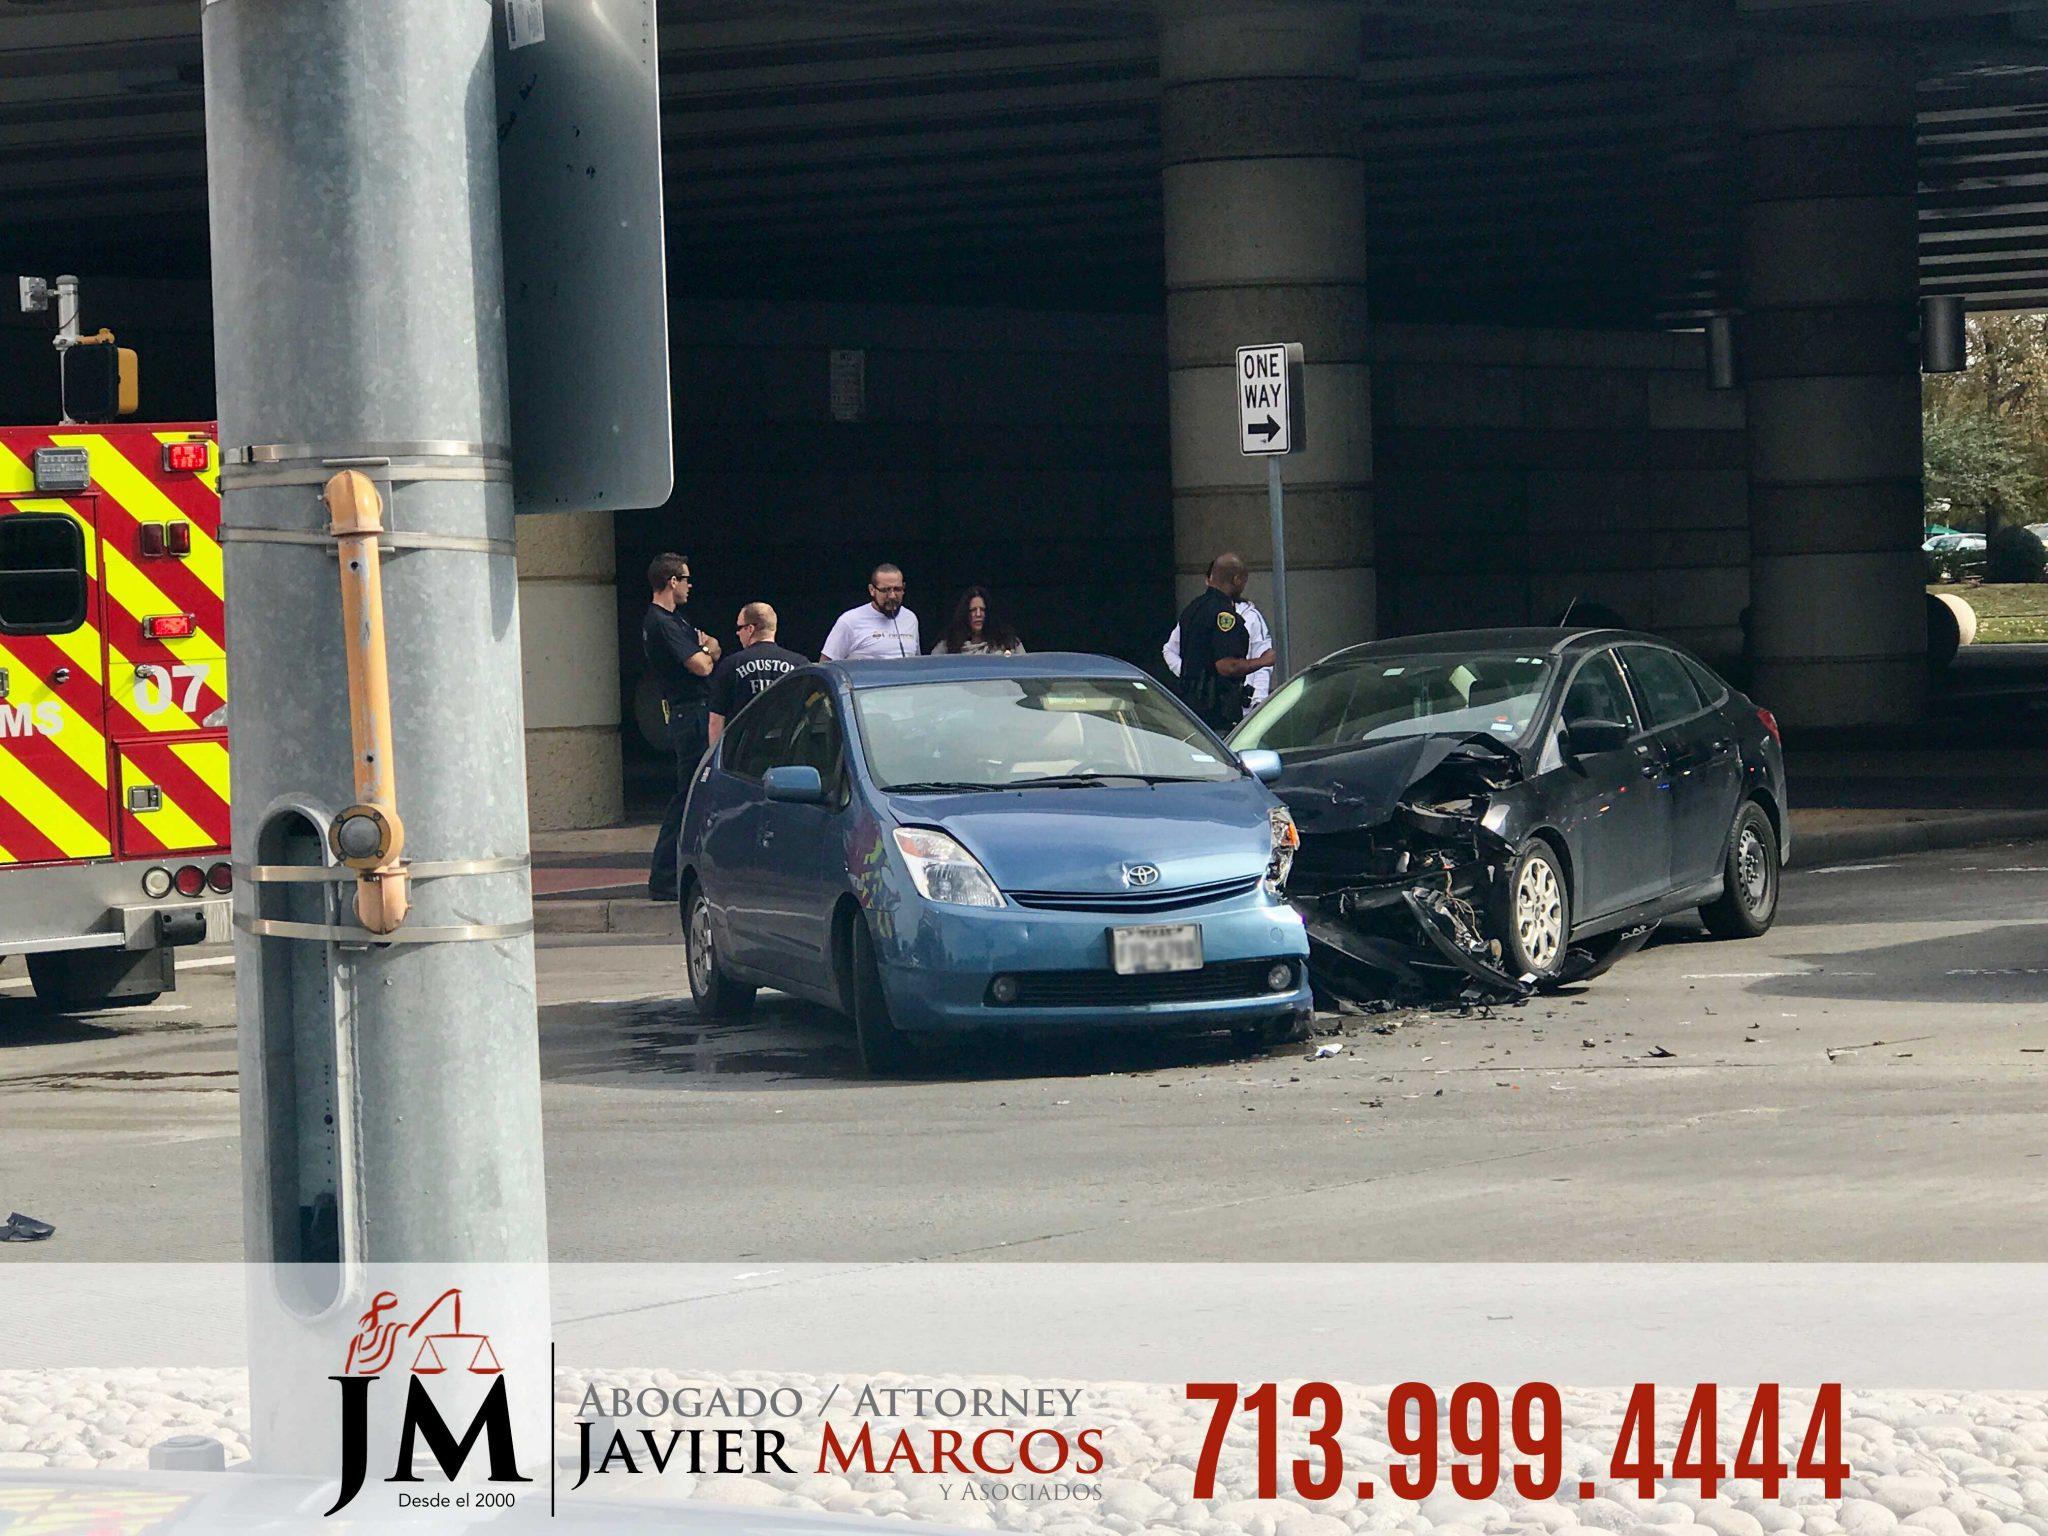 Abogado de Accidentes automovilisticos   Abogado Javier Marcos   713.999.4444